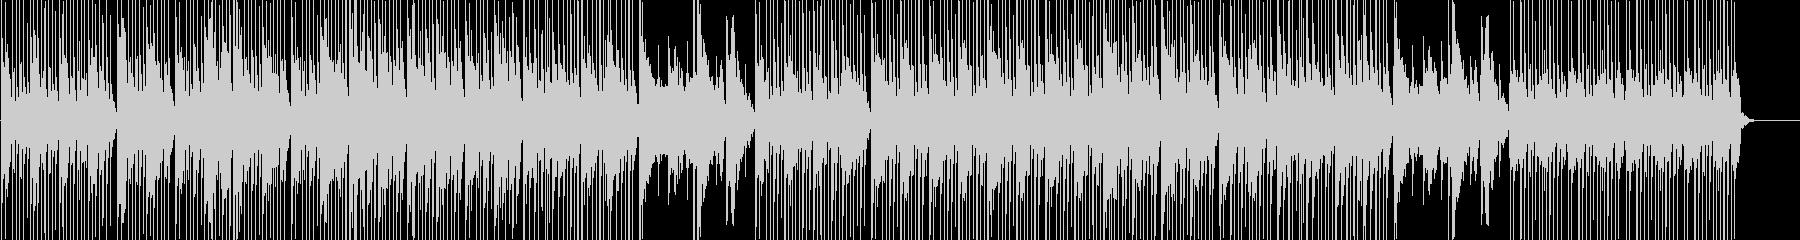 和風 三味線と尺八の軽やかな楽曲の未再生の波形